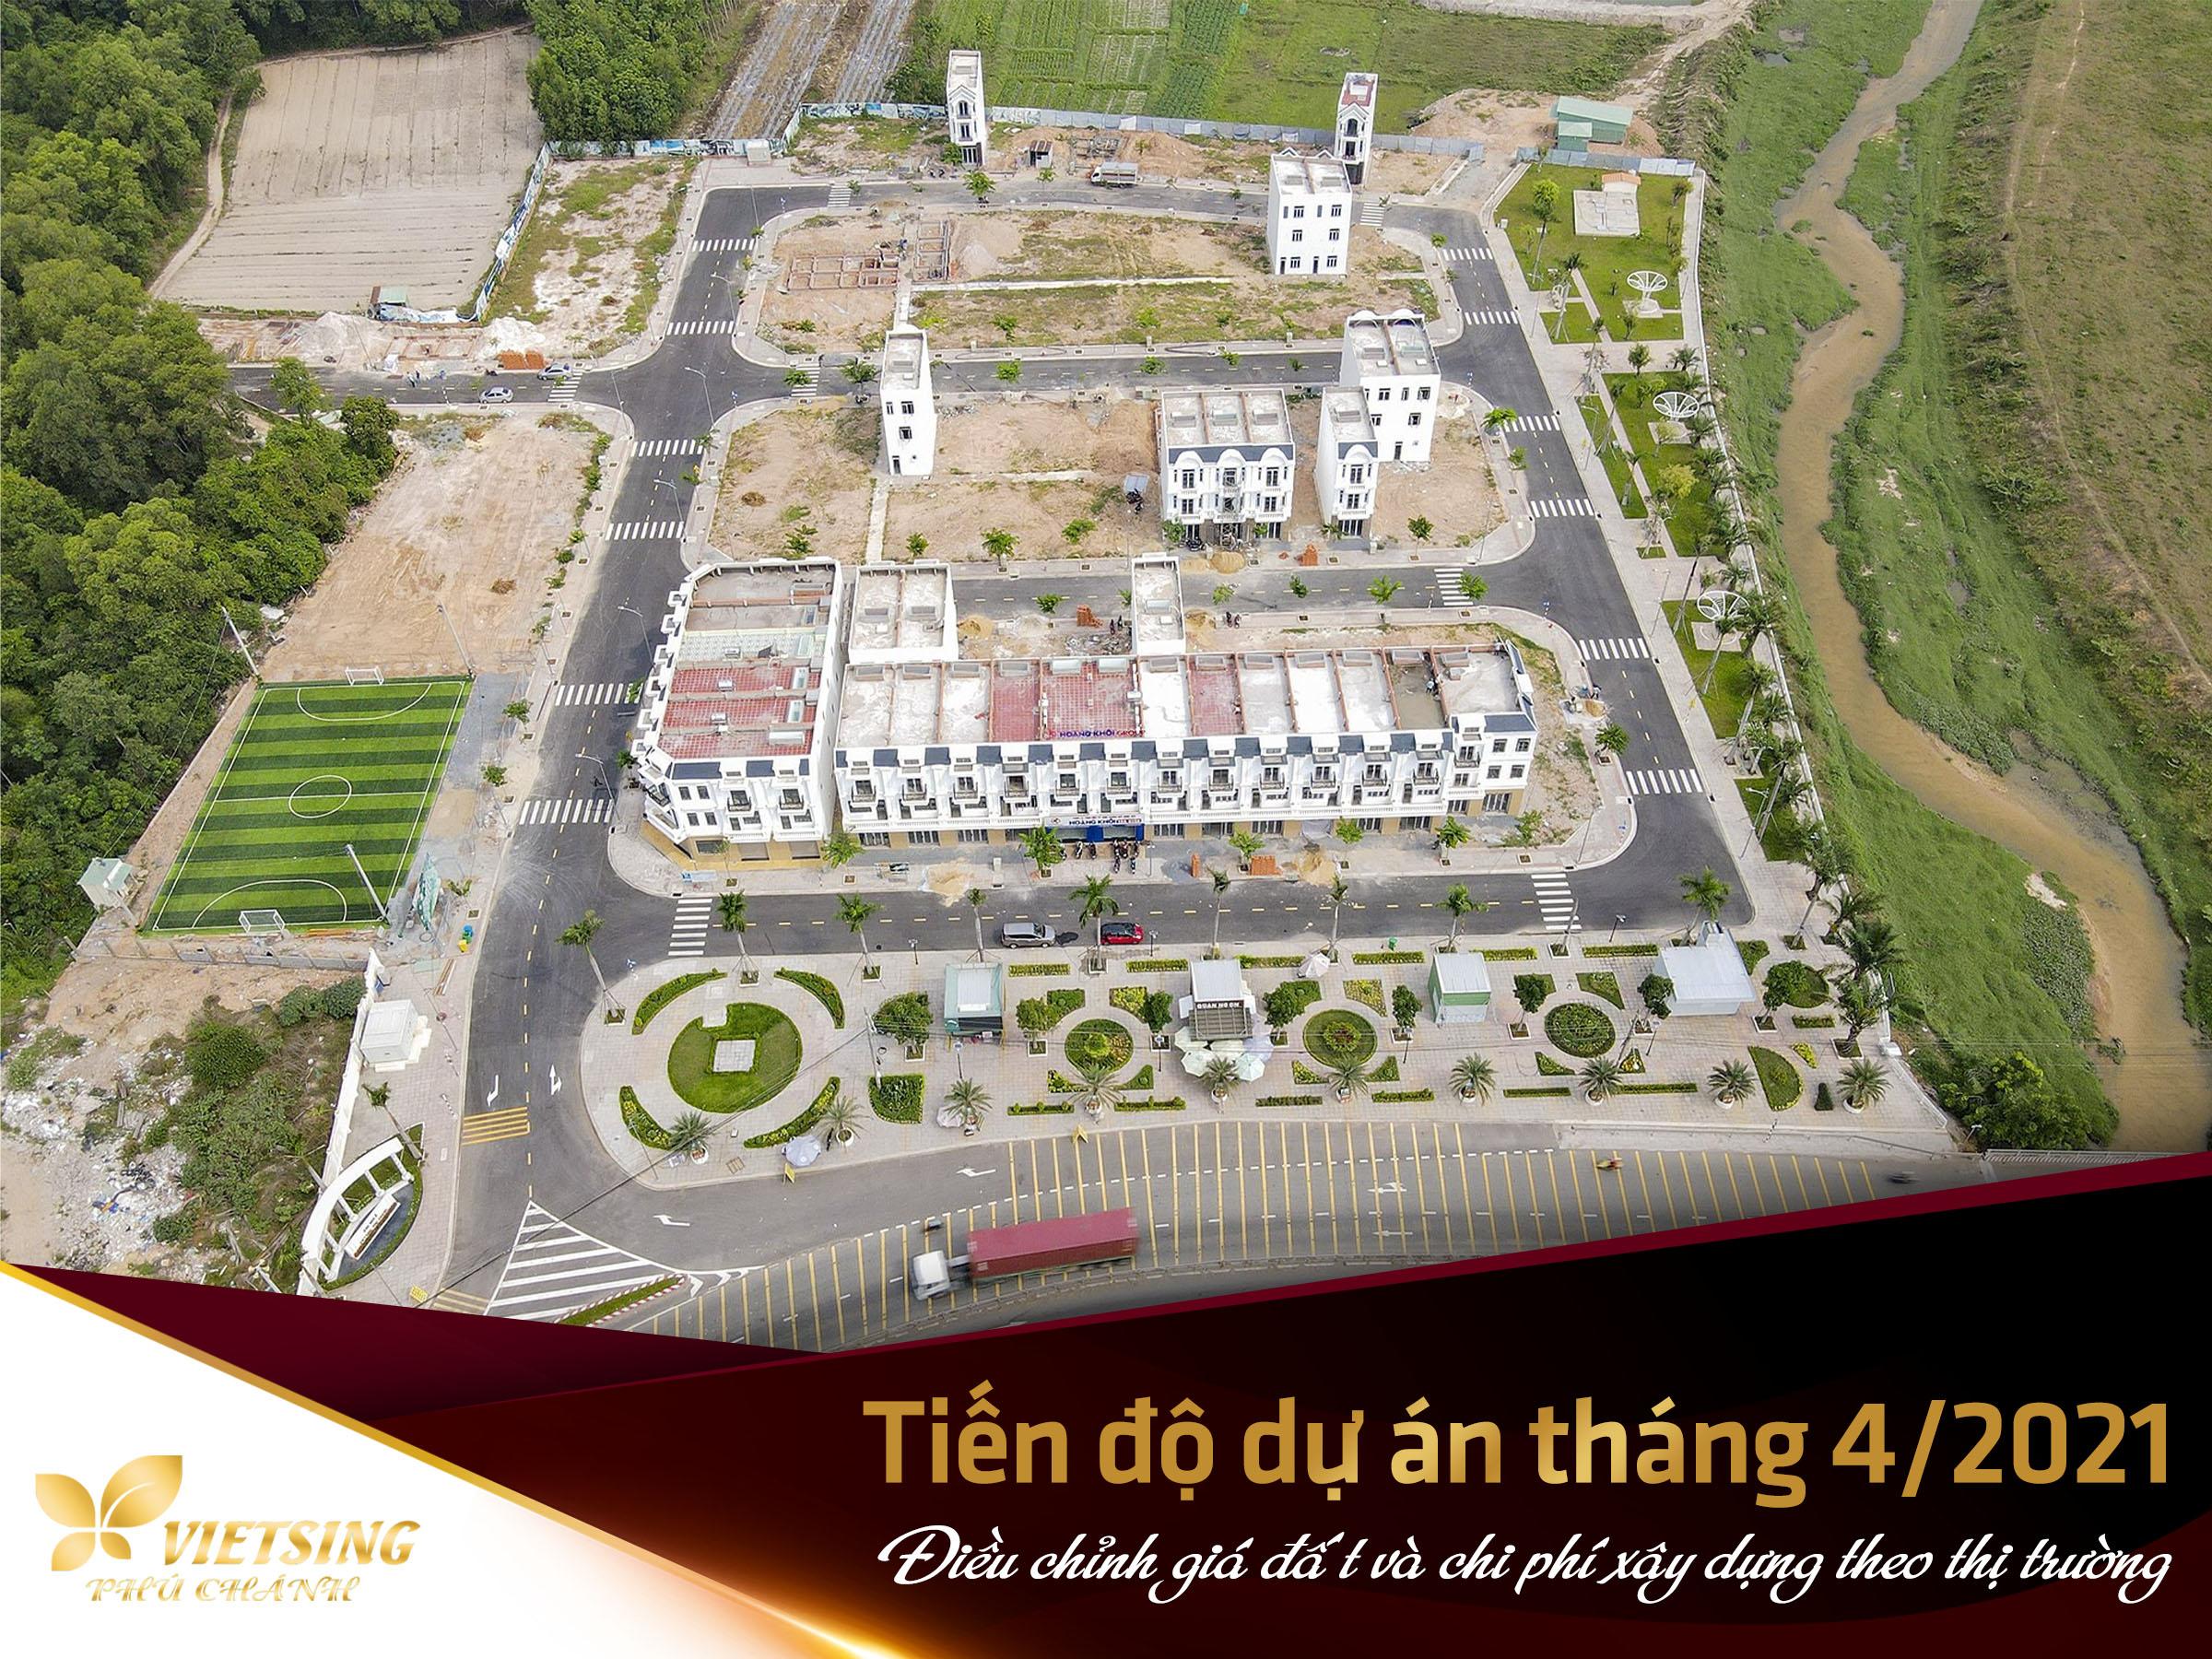 Điều chỉnh giá đất và chi phí xây dựng theo giá thị trường - VietSing Phú Chánh